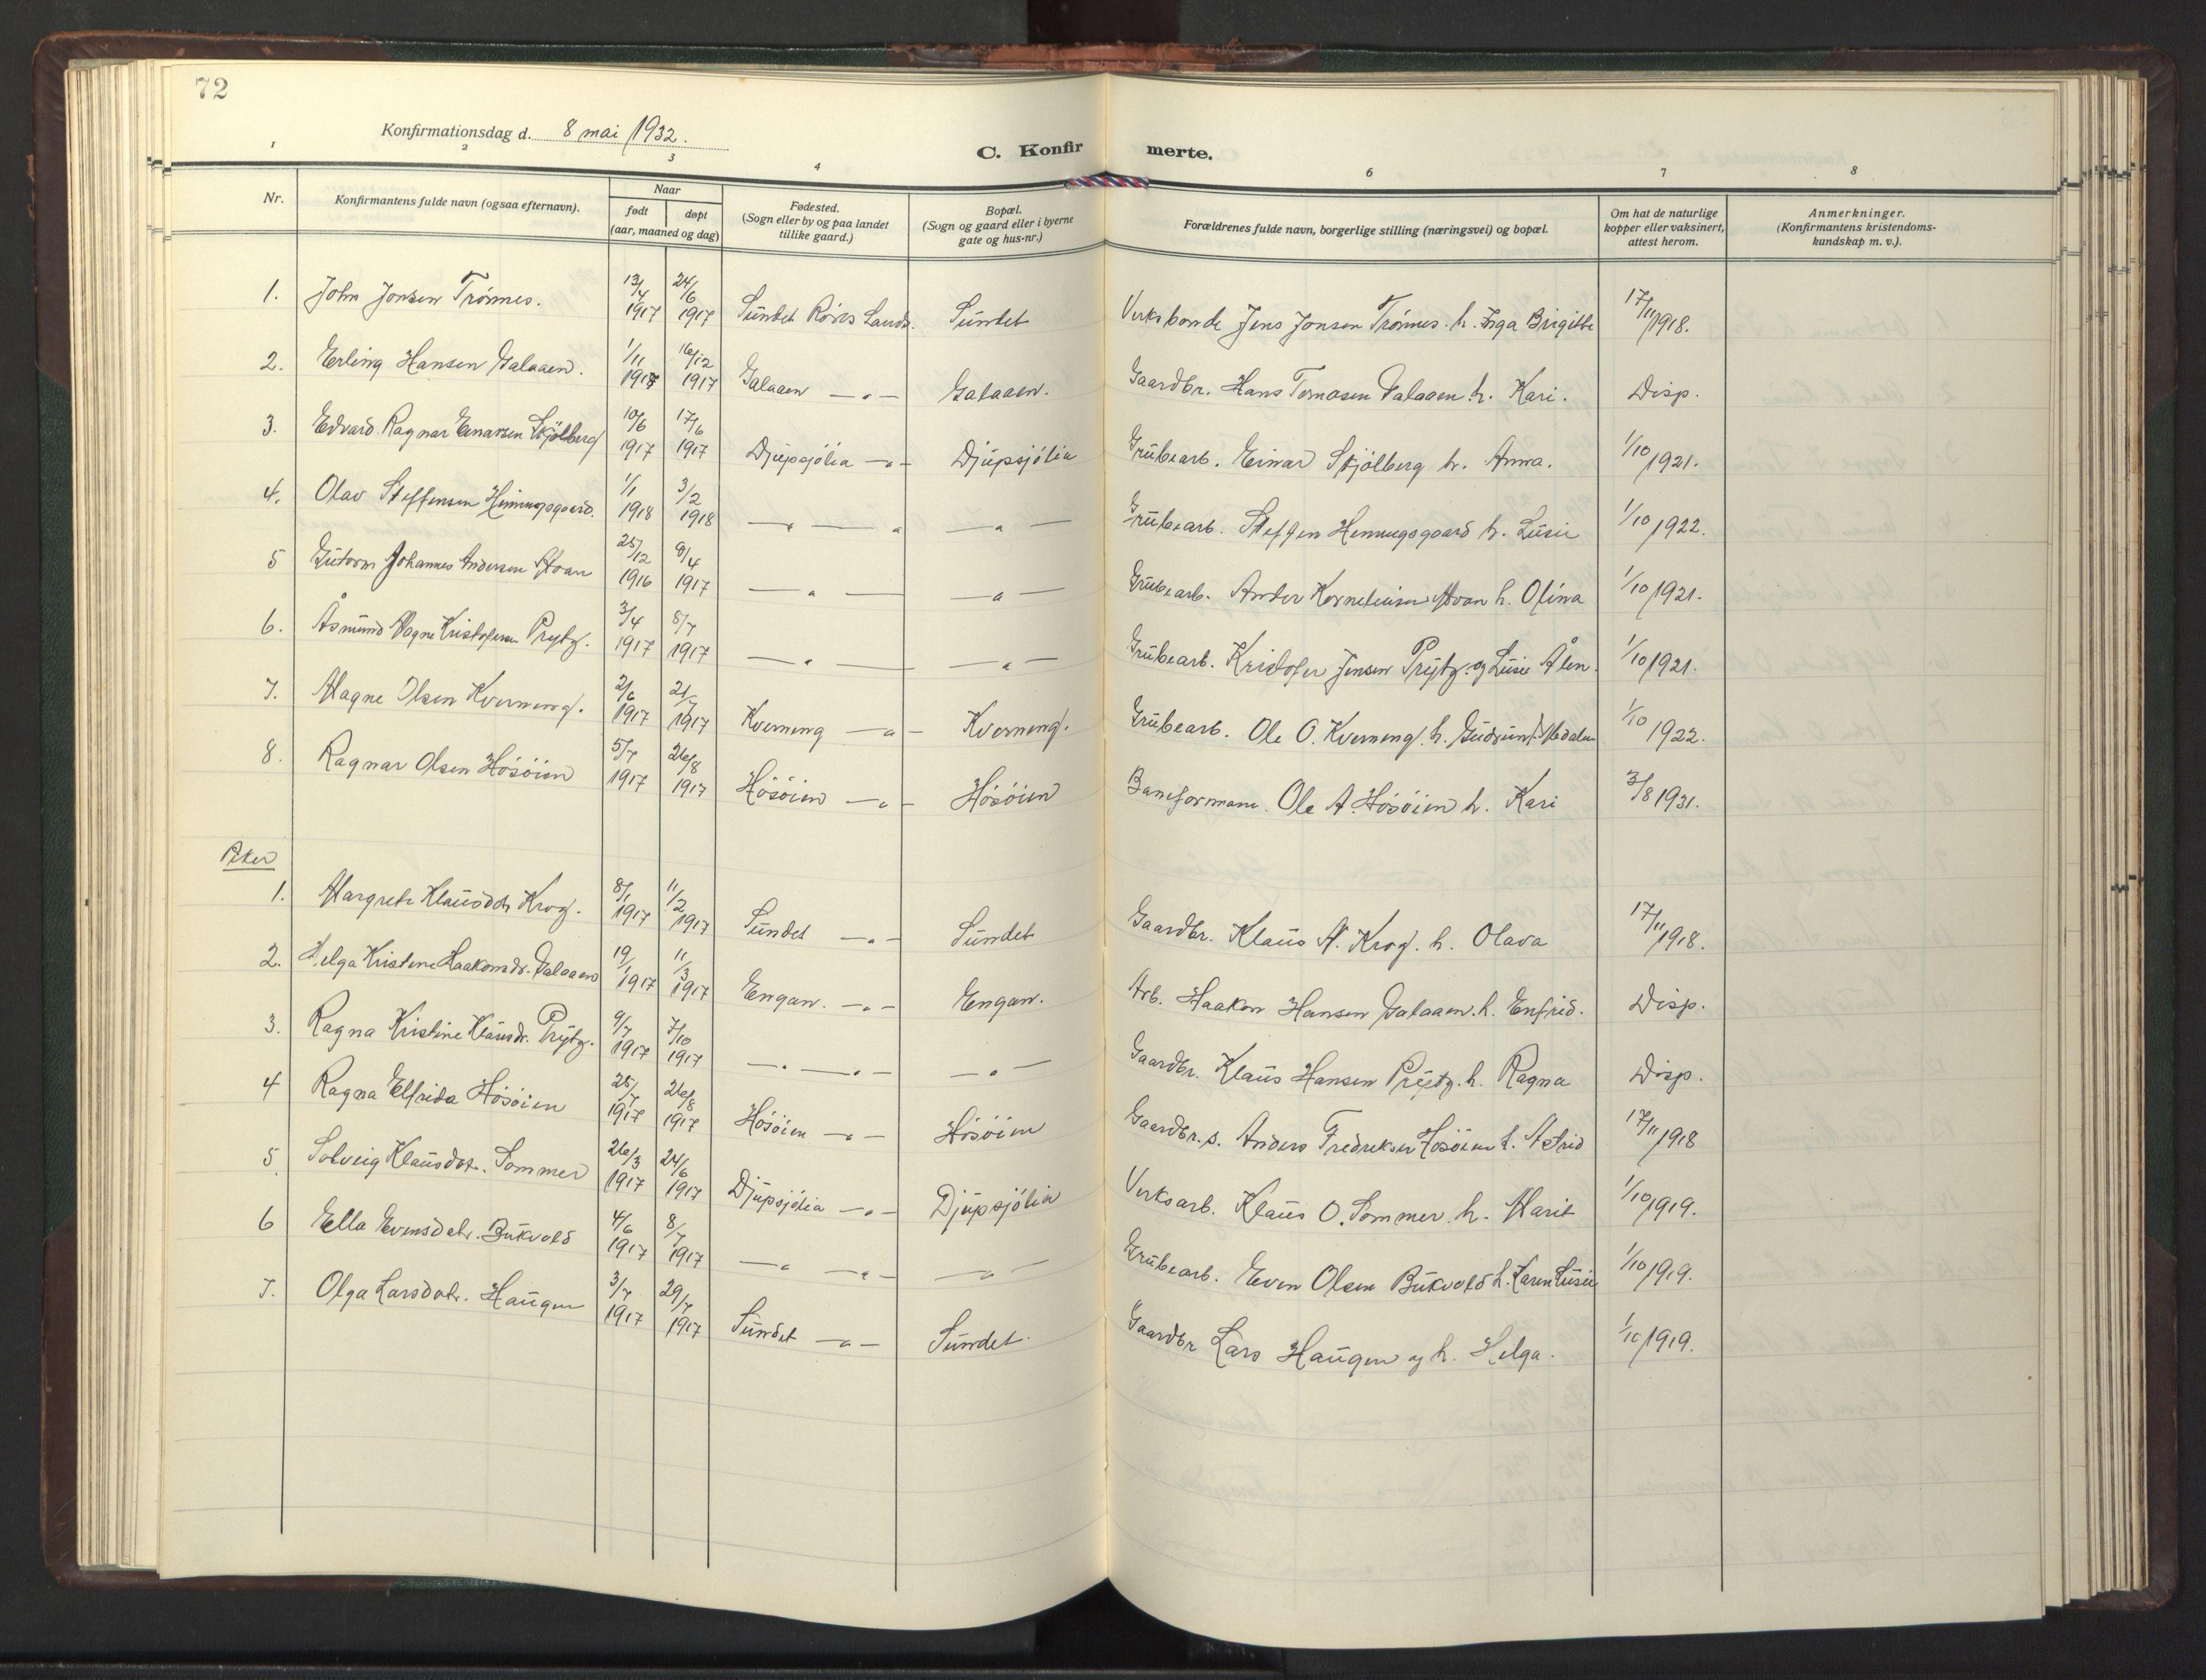 SAT, Ministerialprotokoller, klokkerbøker og fødselsregistre - Sør-Trøndelag, 681/L0944: Klokkerbok nr. 681C08, 1926-1954, s. 72